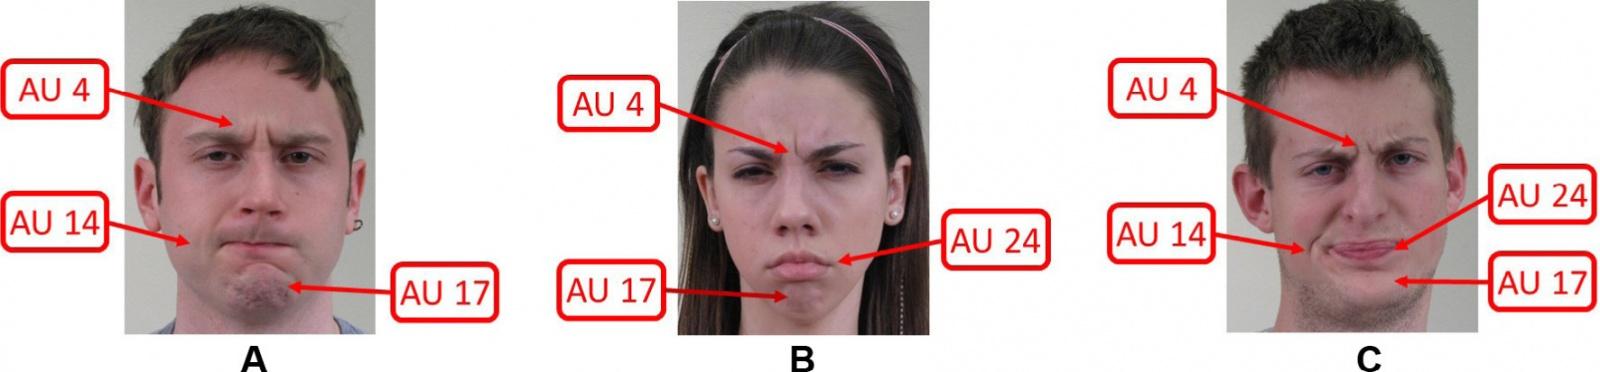 Определено новое универсальное выражение лица, понятное всем людям на Земле - 3